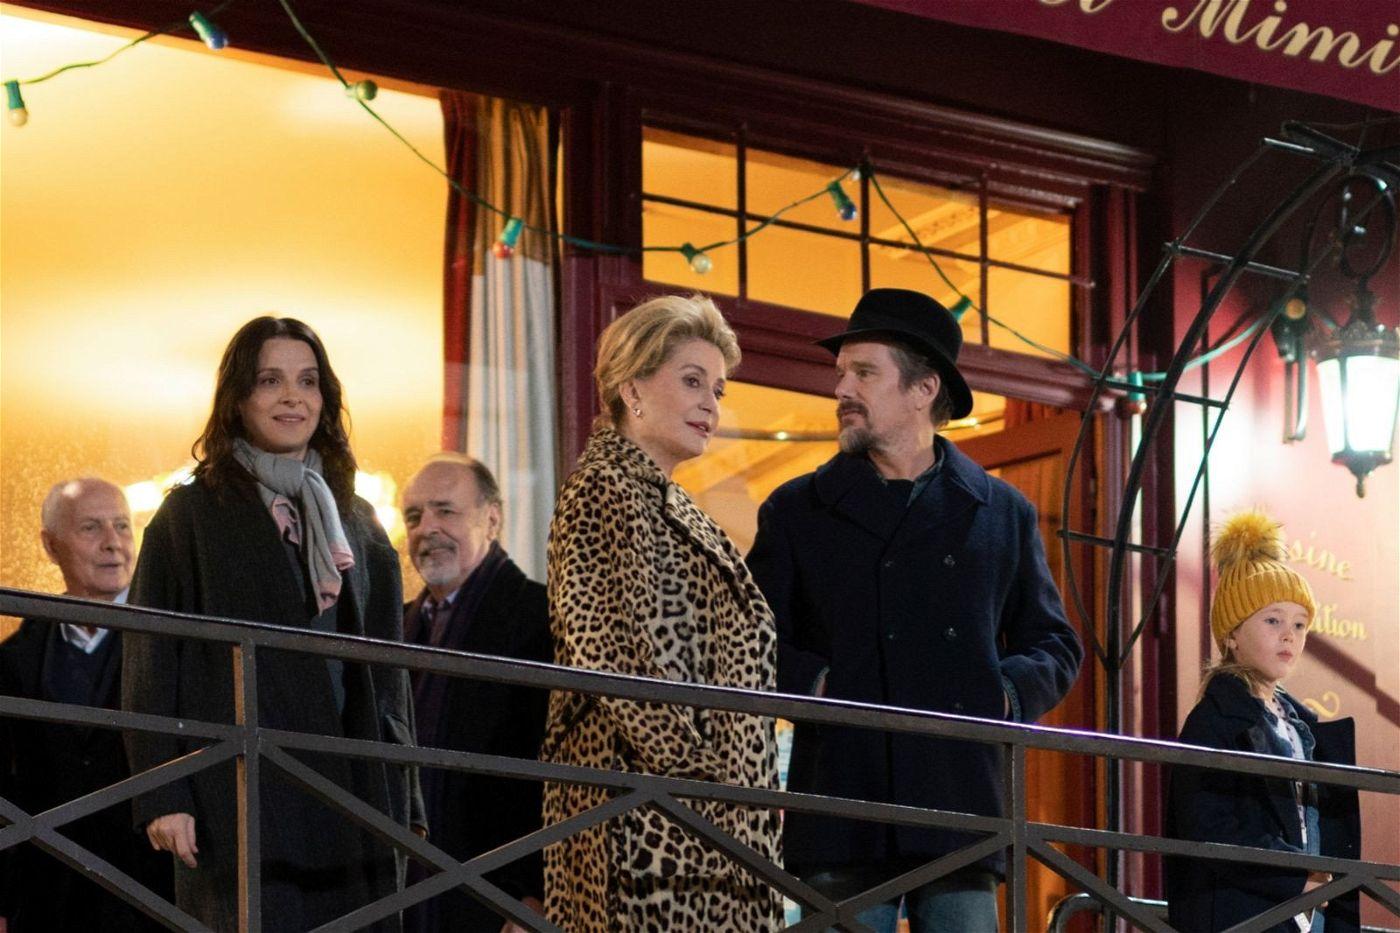 Zwischen Lumir (Juliette Binoche, links) und Fabienne (Catherine Deneuve) herrschte schon mal bessere Stimmung. Das fällt auch Lumirs sonst ziemlich desinteressiertem Mann Hank (Ethan Hawke) auf.